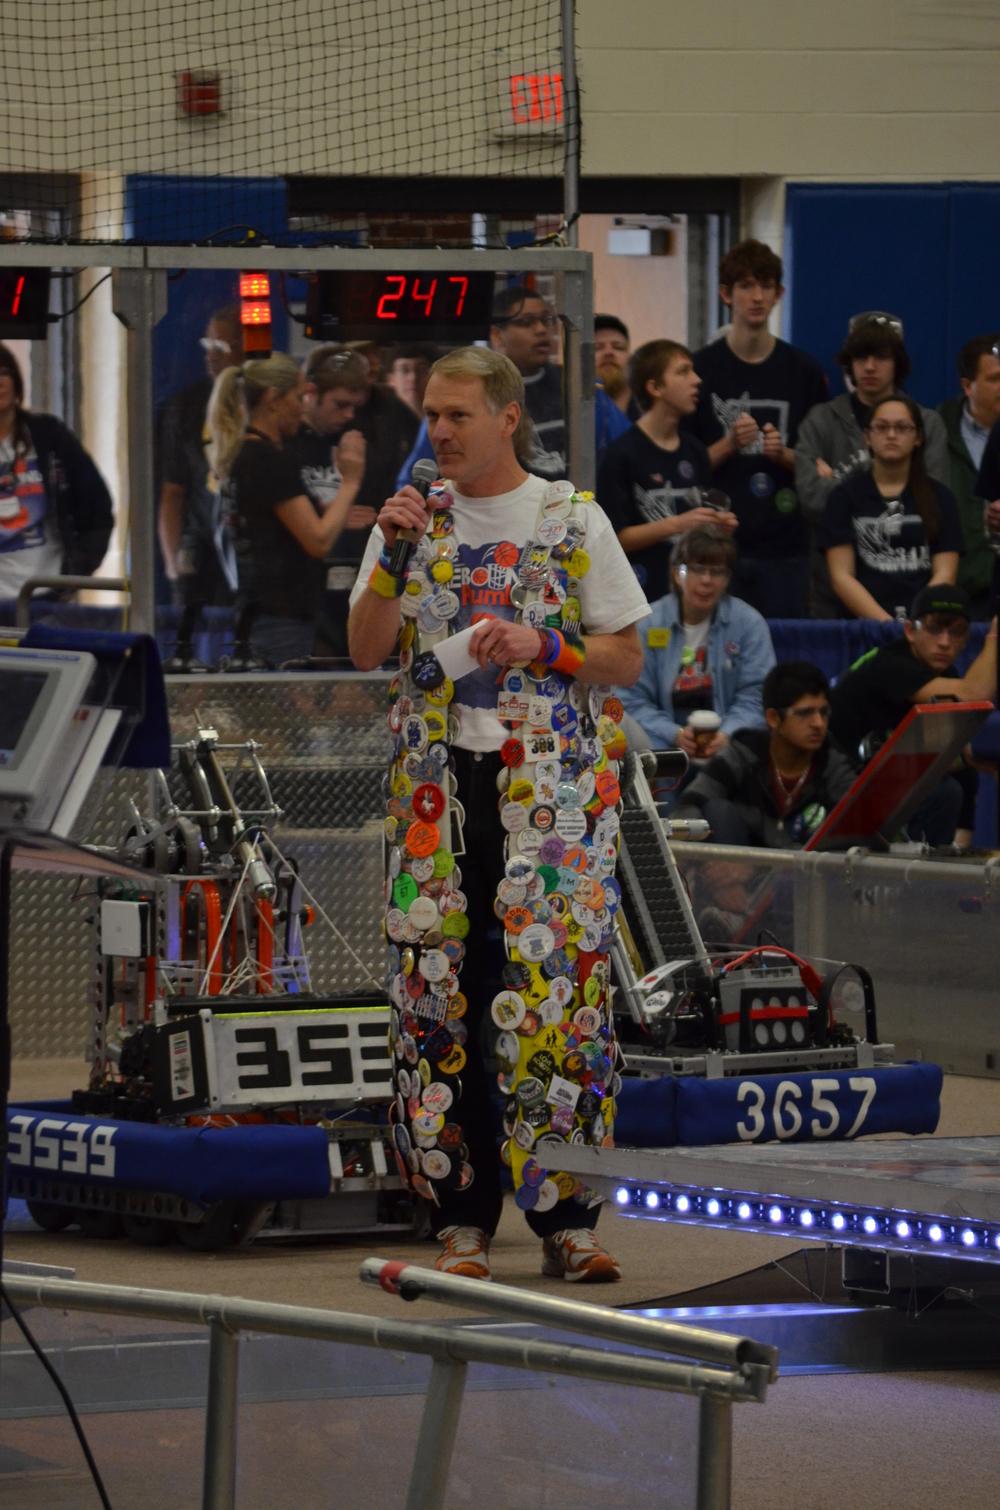 Team 3667 Waterford Comp 2012-010.JPG